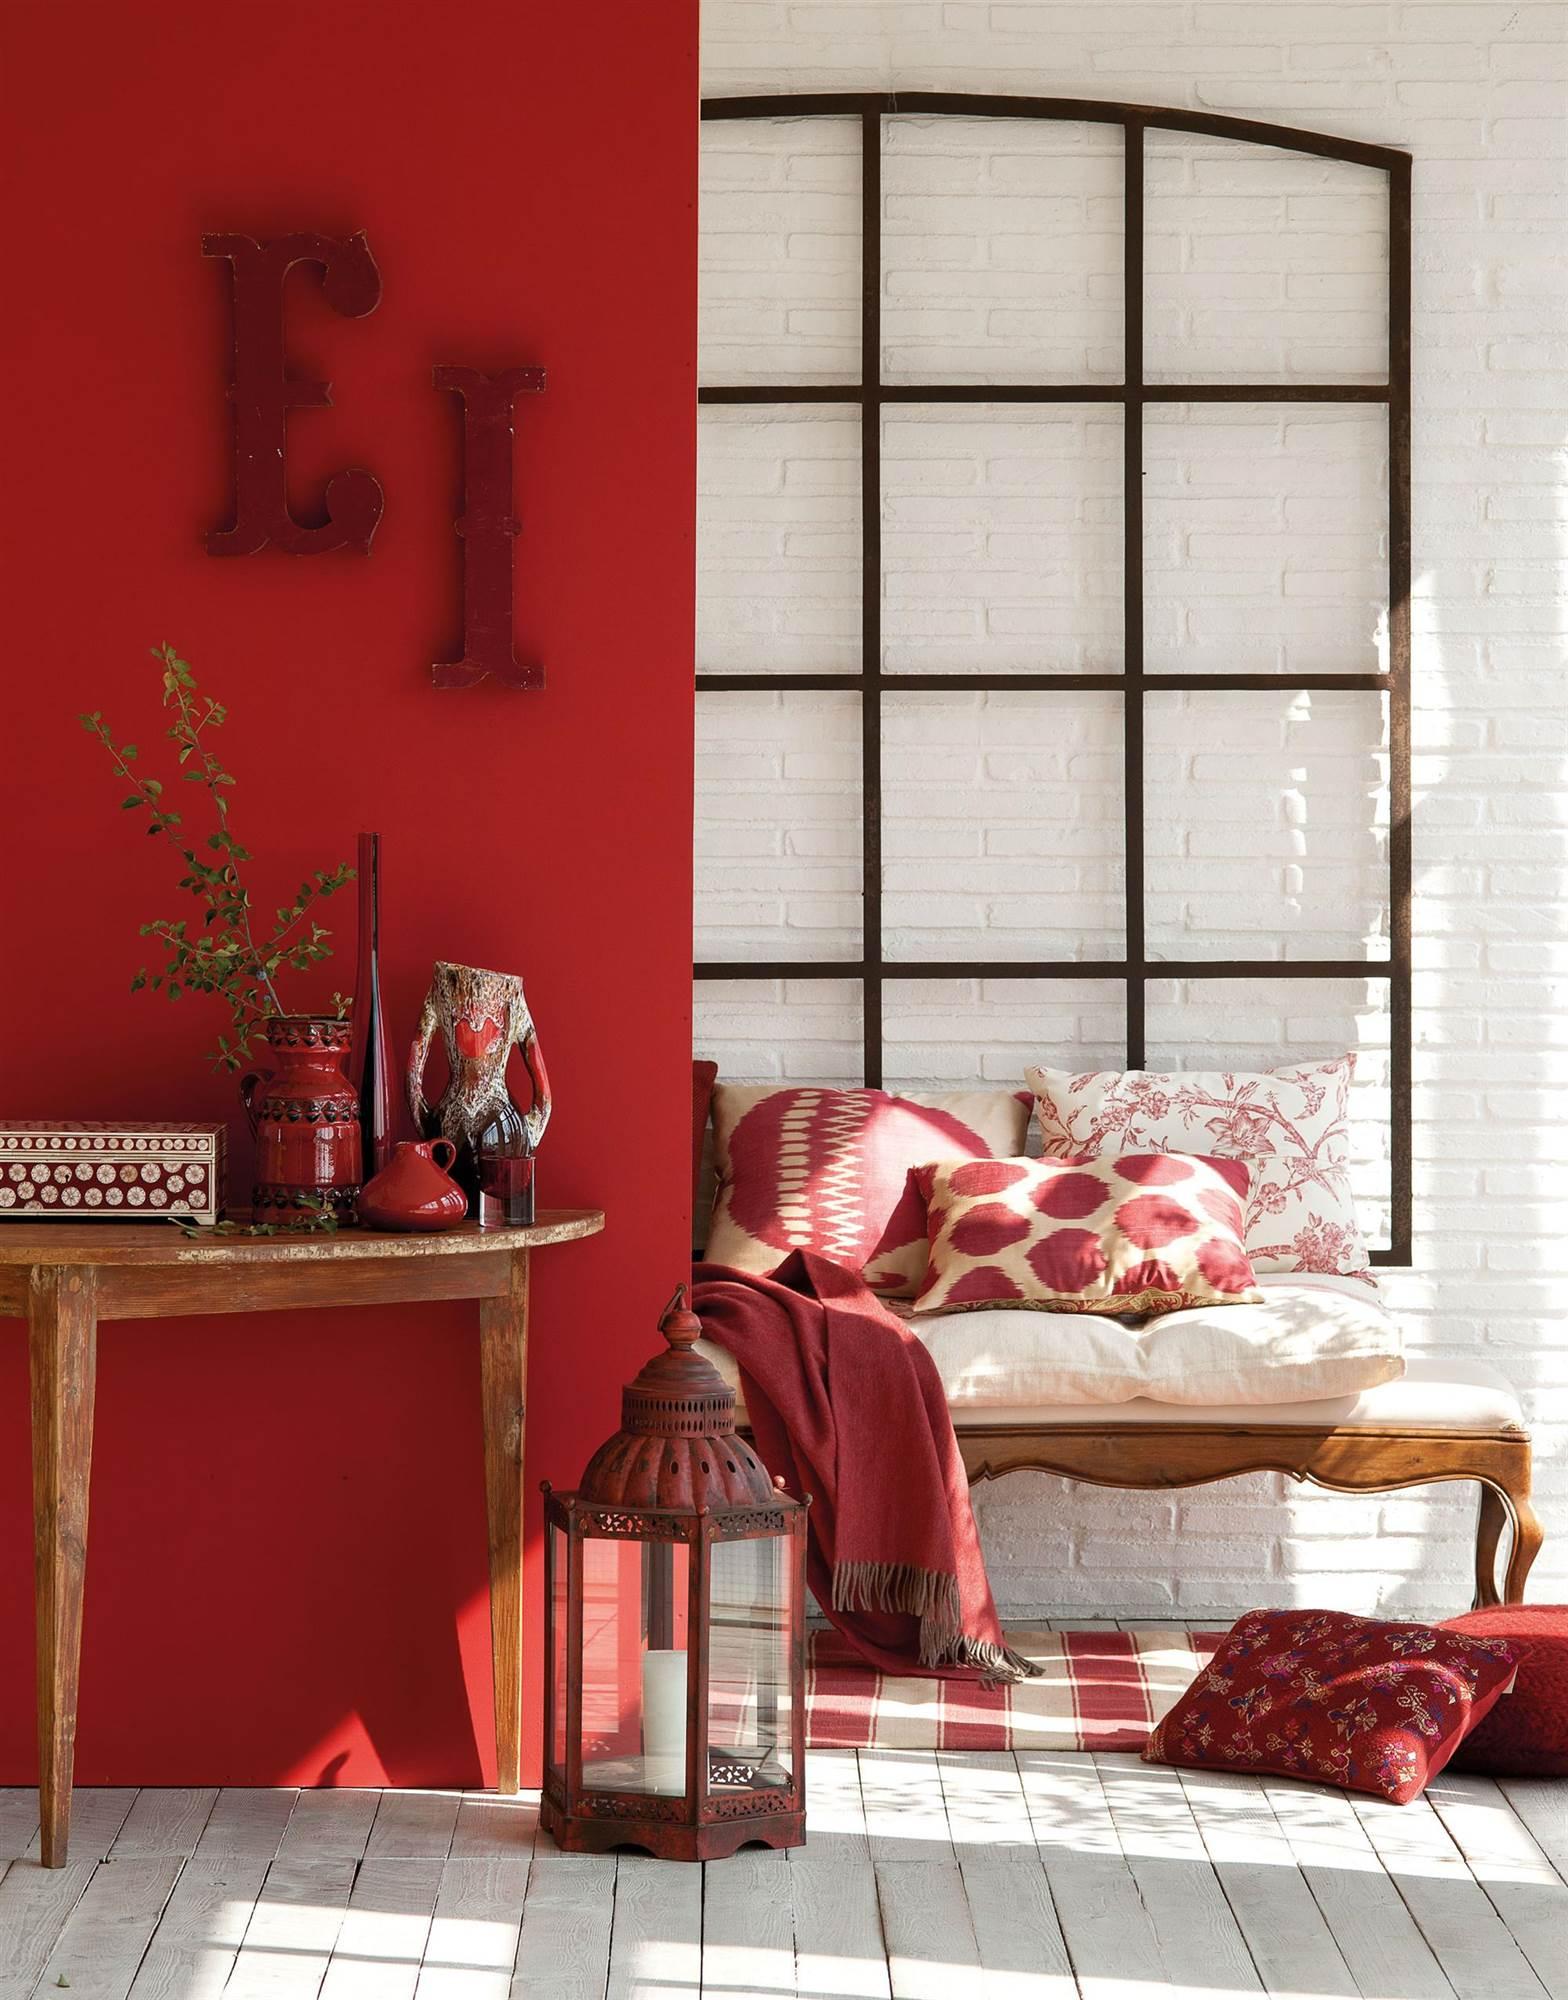 recibidor con pared pintada de rojo_LEO-00353811